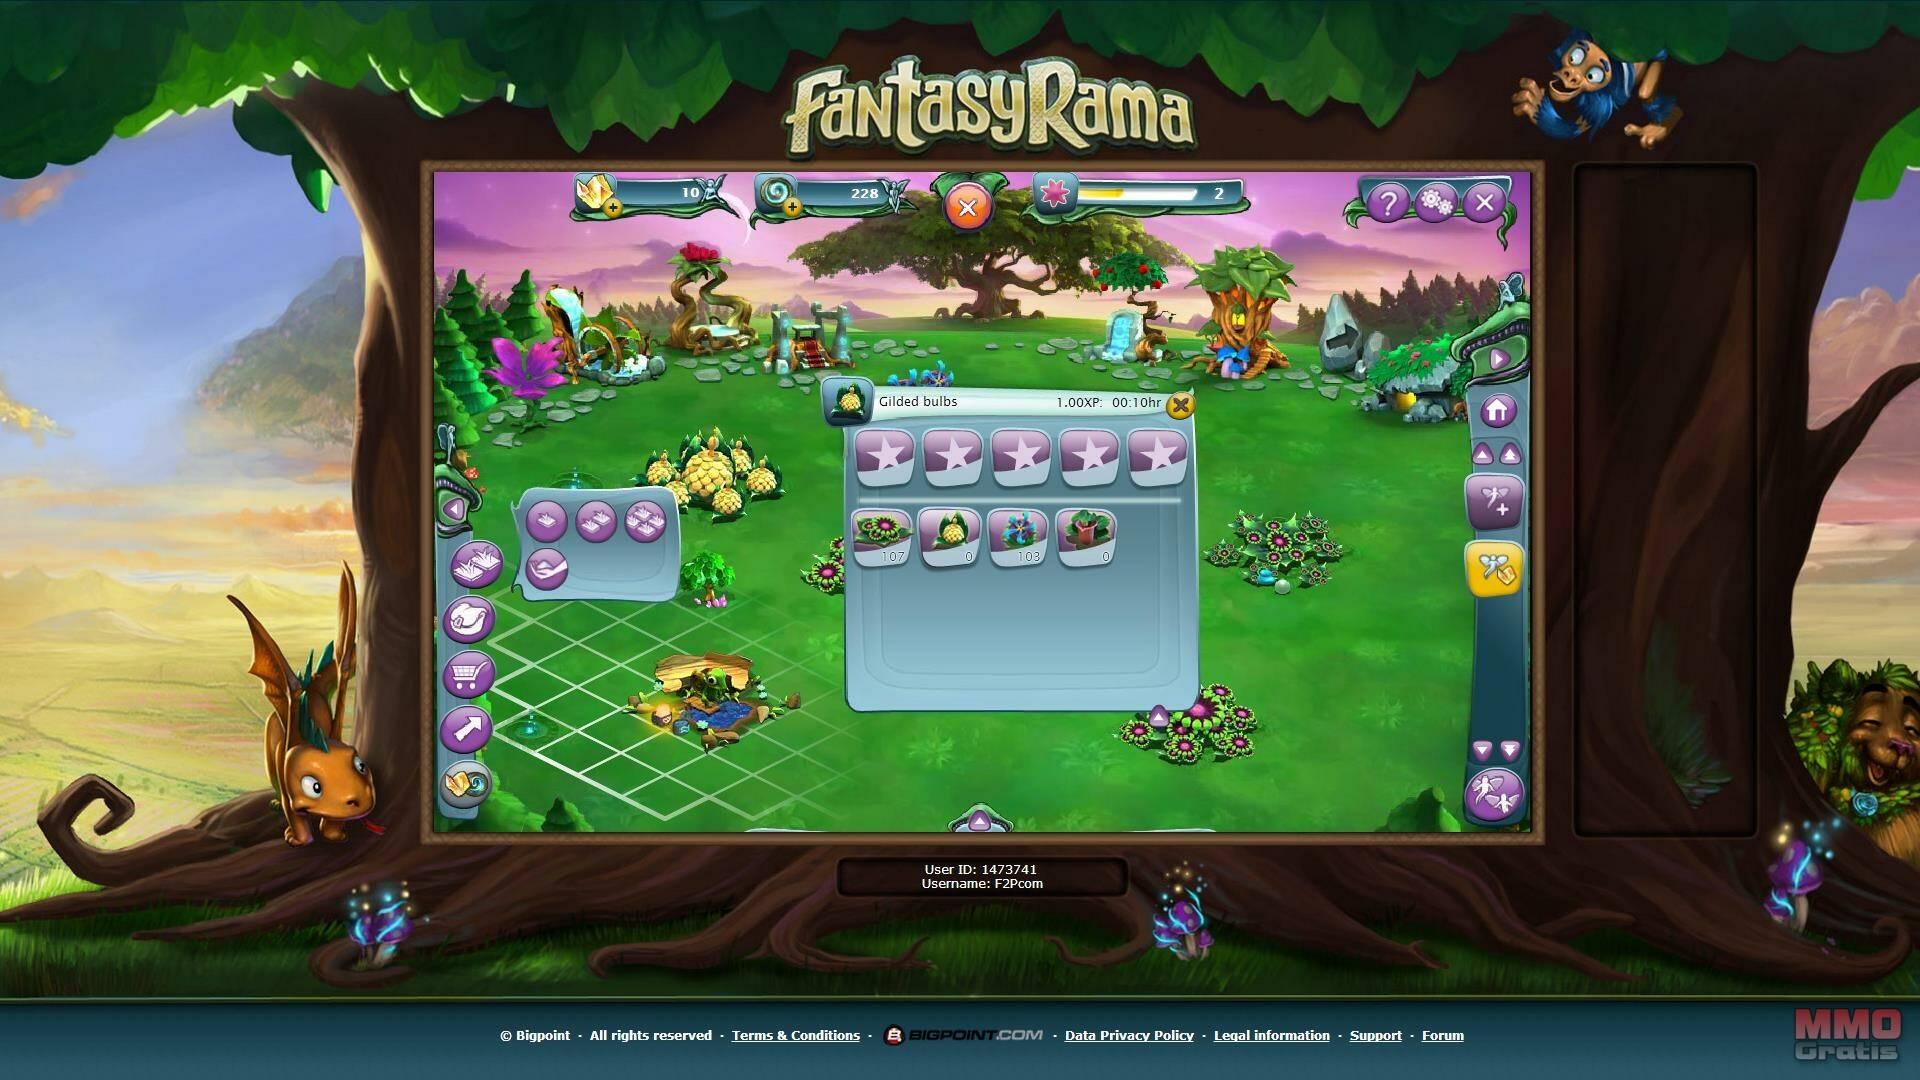 Imagenes de FantasyRama